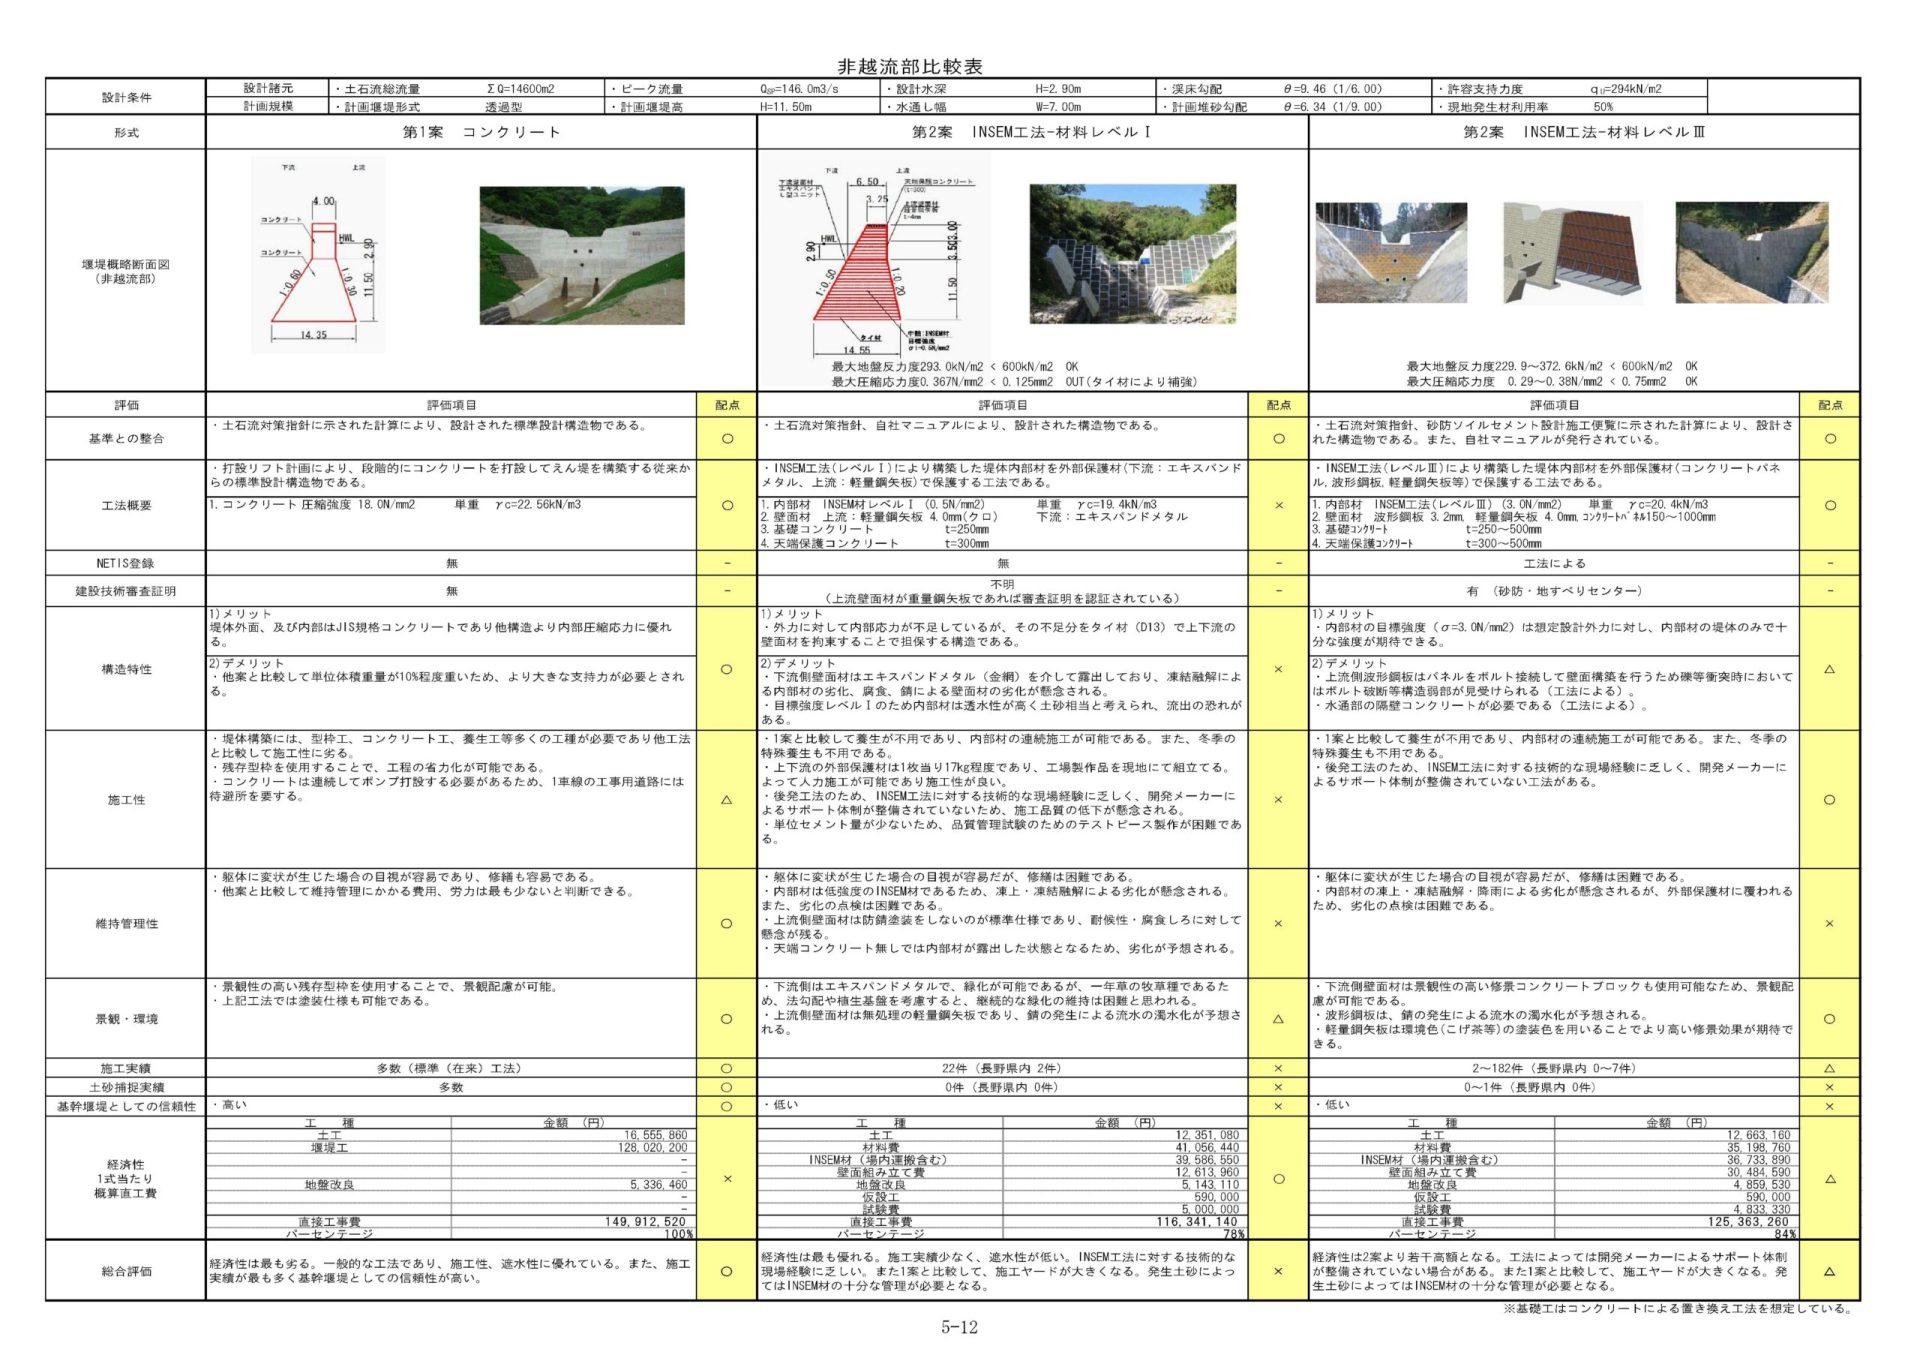 松川村 砂防河川こべ沢 砂防堰堤詳細設計